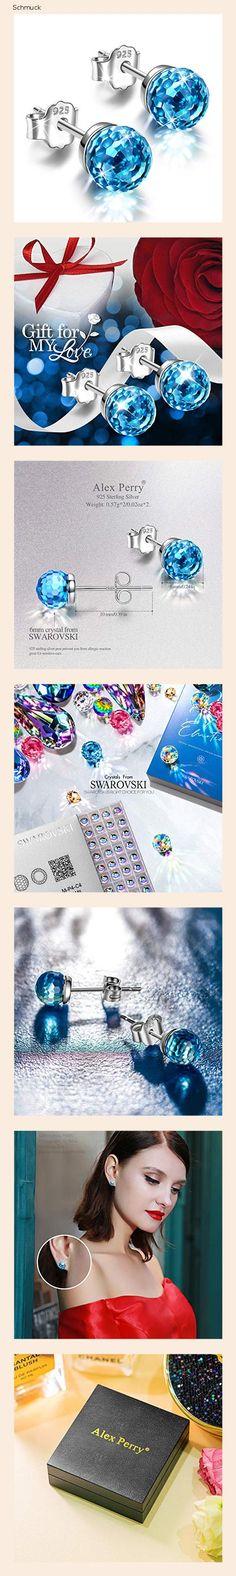 Alex Perry Muttertagsgeschenk 925 Sterling Silber Blaue Ohrringe Stud Silver für ihren Schmuck Frauen Kristalle von Swarovski für Mädchen Jubiläum Geburtstag - 14h6